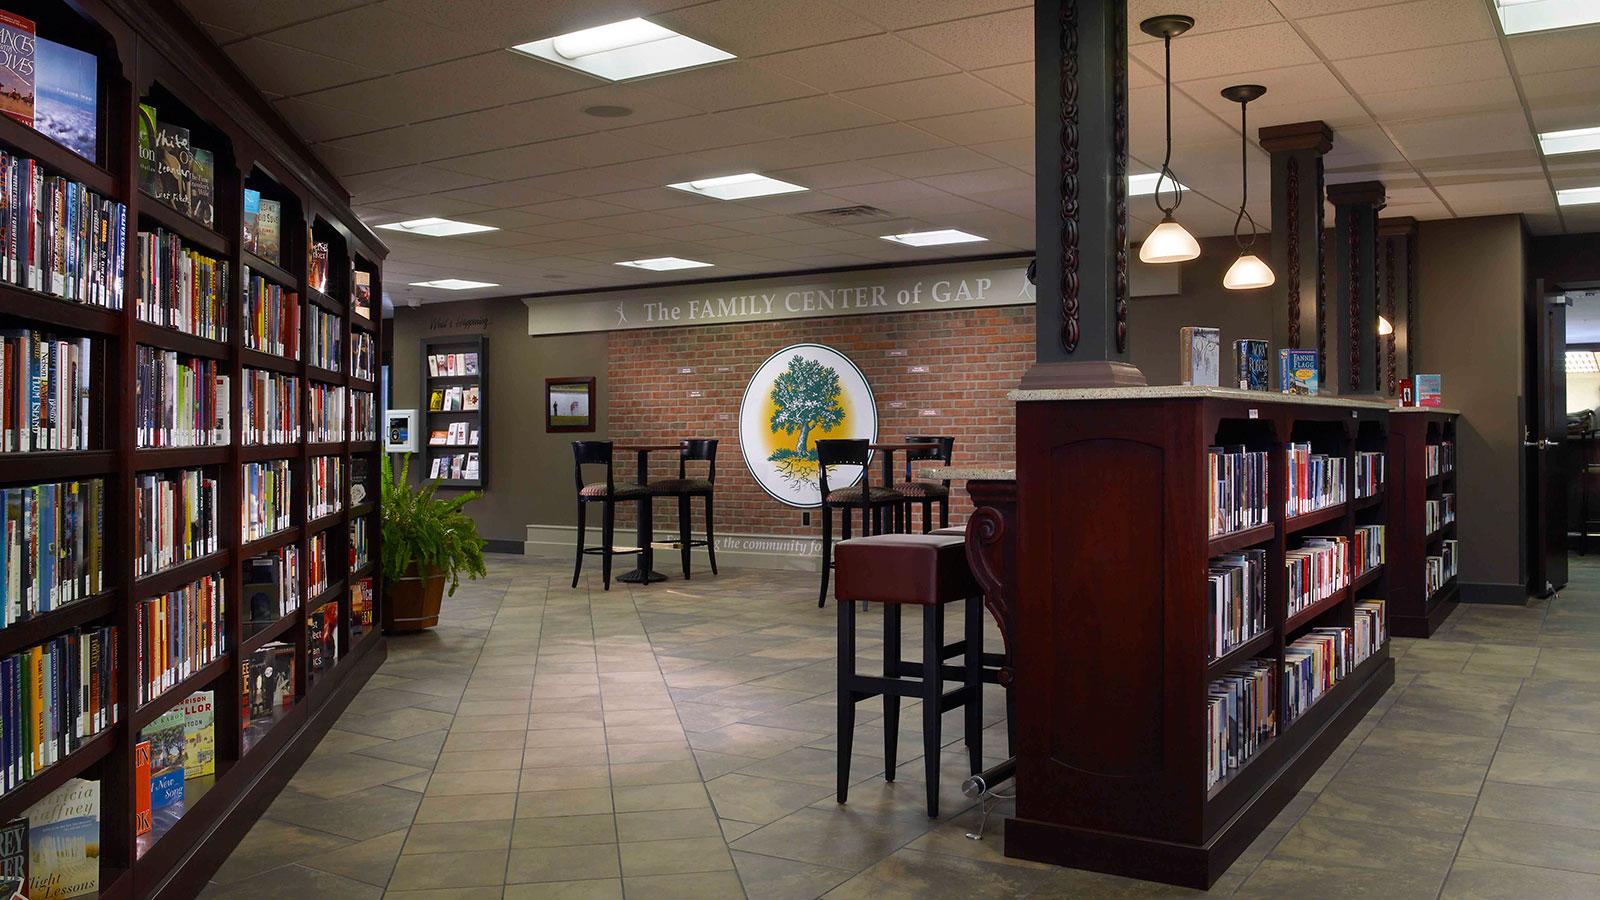 Family-Center-of-Gap-Library.jpg